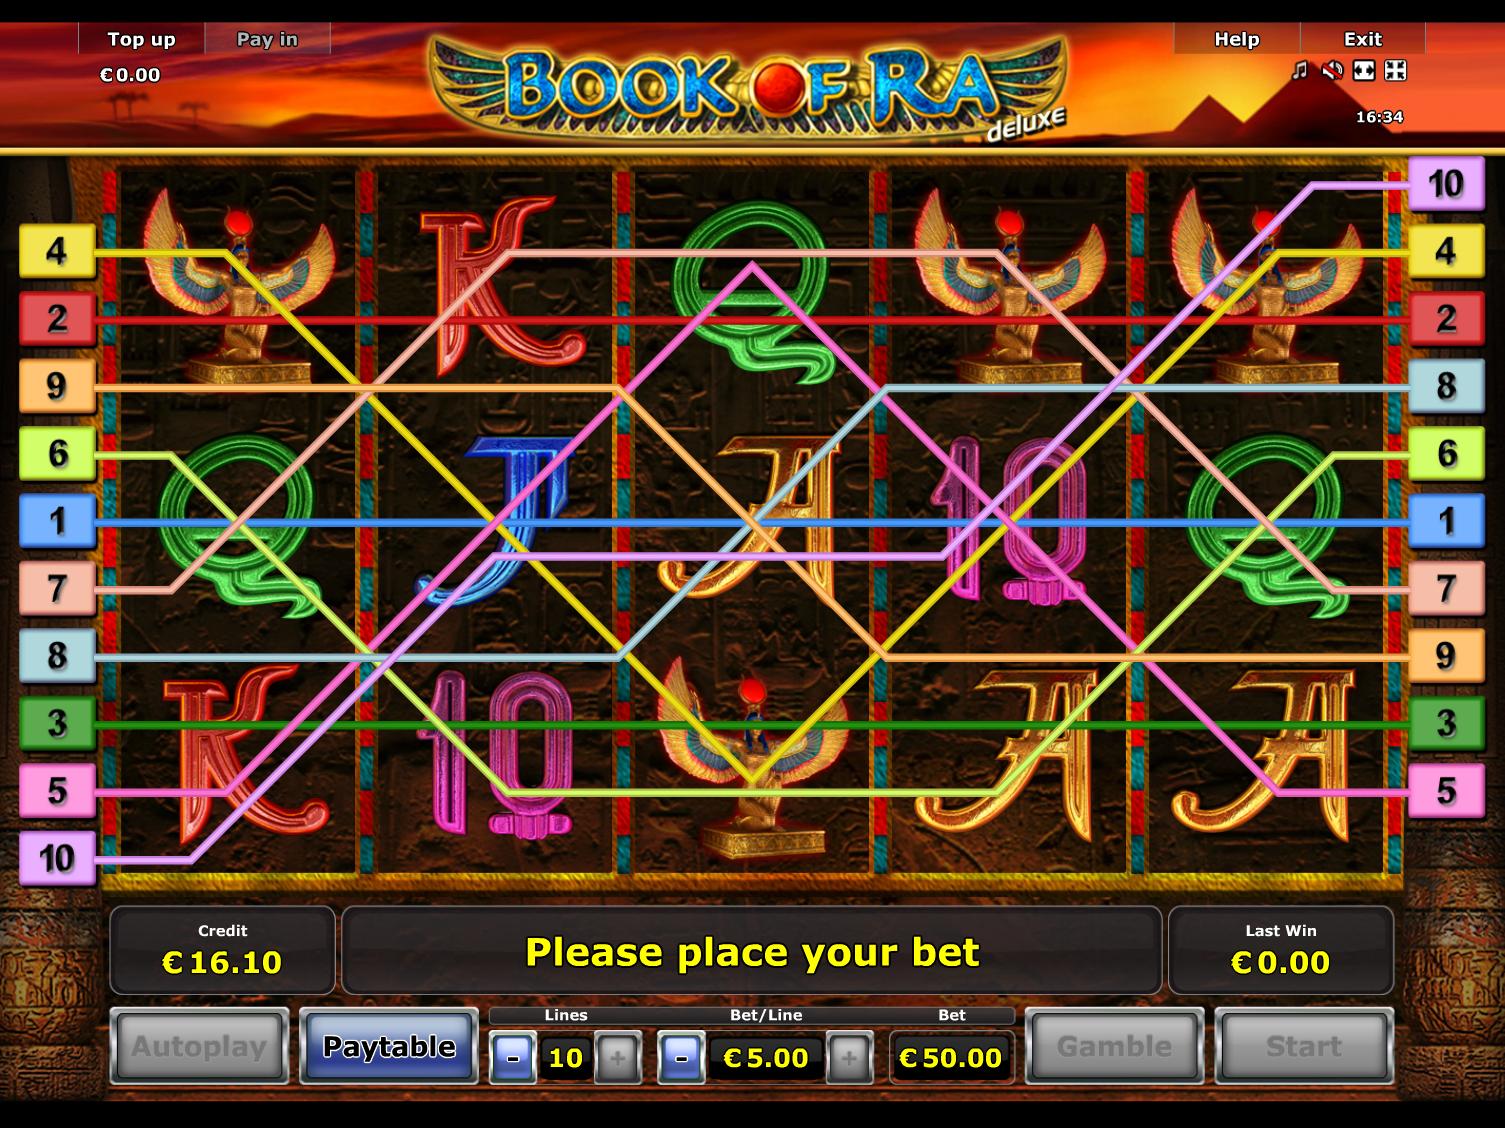 Jetzt Book of Ra Deluxe online spielen